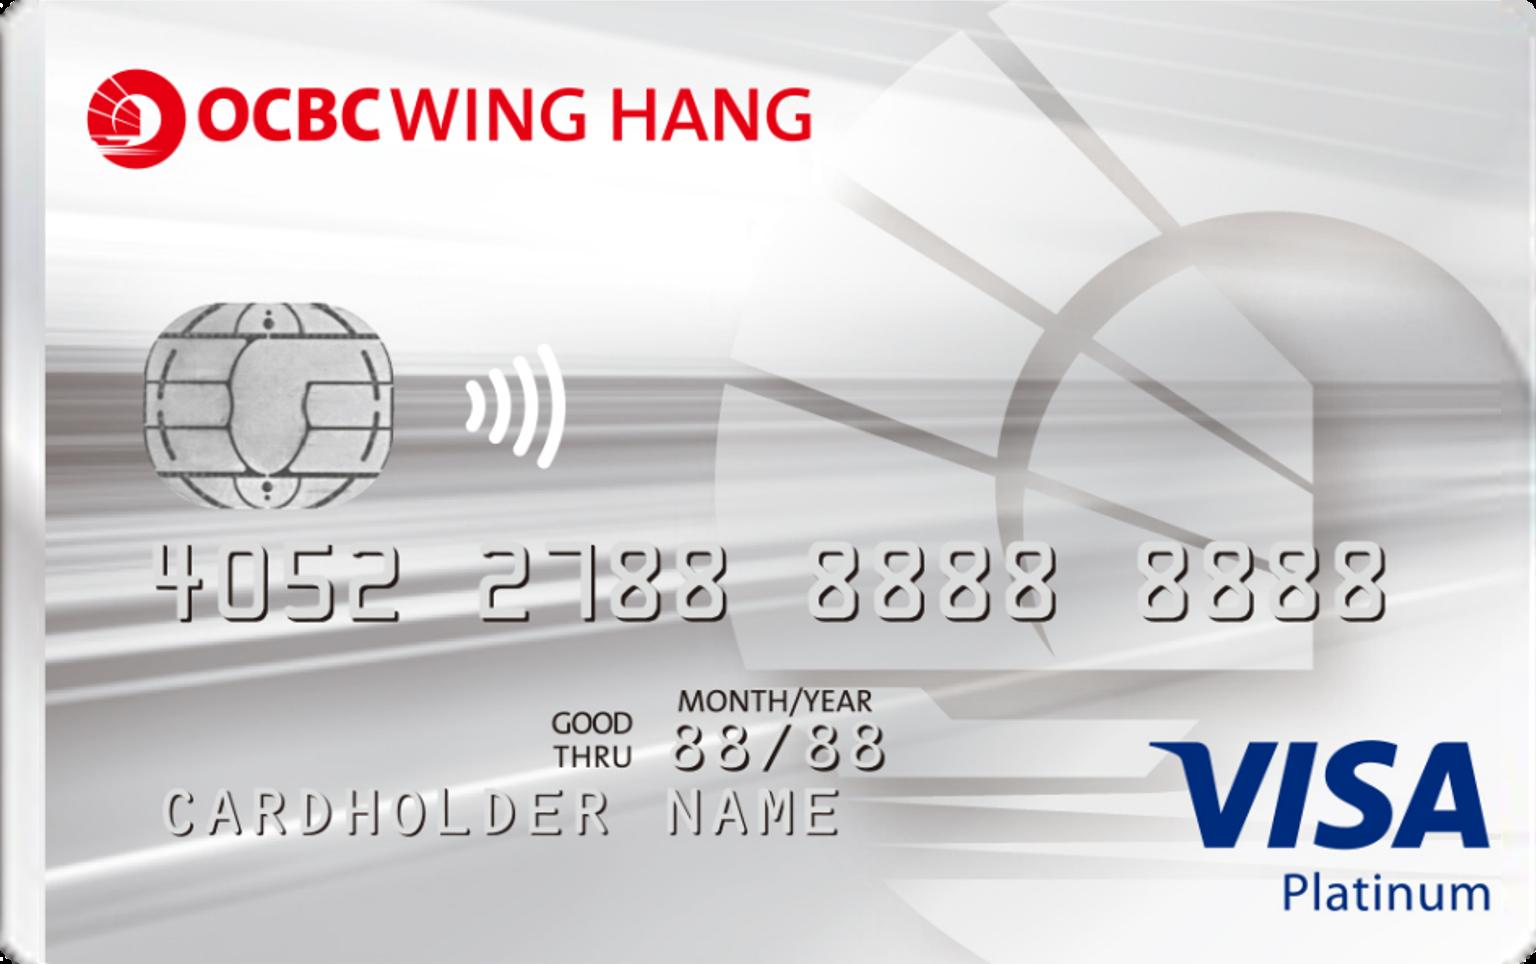 MO560_creditcard_hk_ocbc_visa-platinum